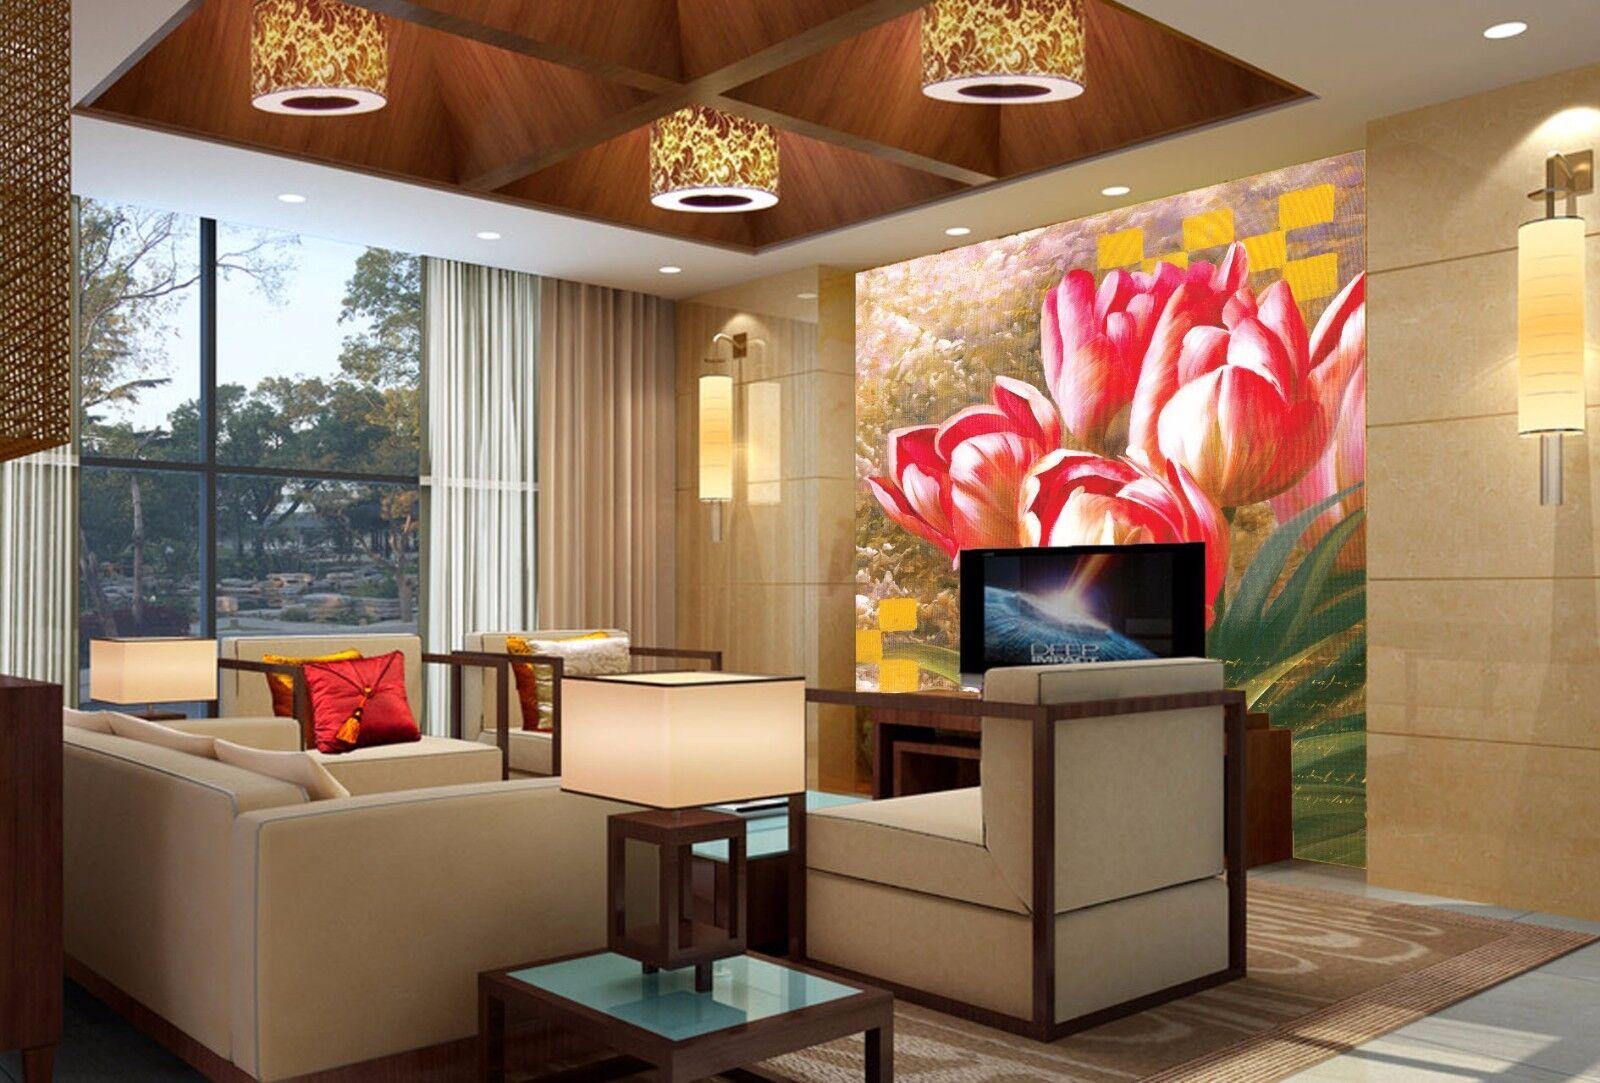 3D Gouache Tulpen 74 Tapete Wandgemälde Tapete Tapeten Bild Familie DE Summer  | Die Königin Der Qualität  | Verschiedene Stile und Stile  | Charakteristisch